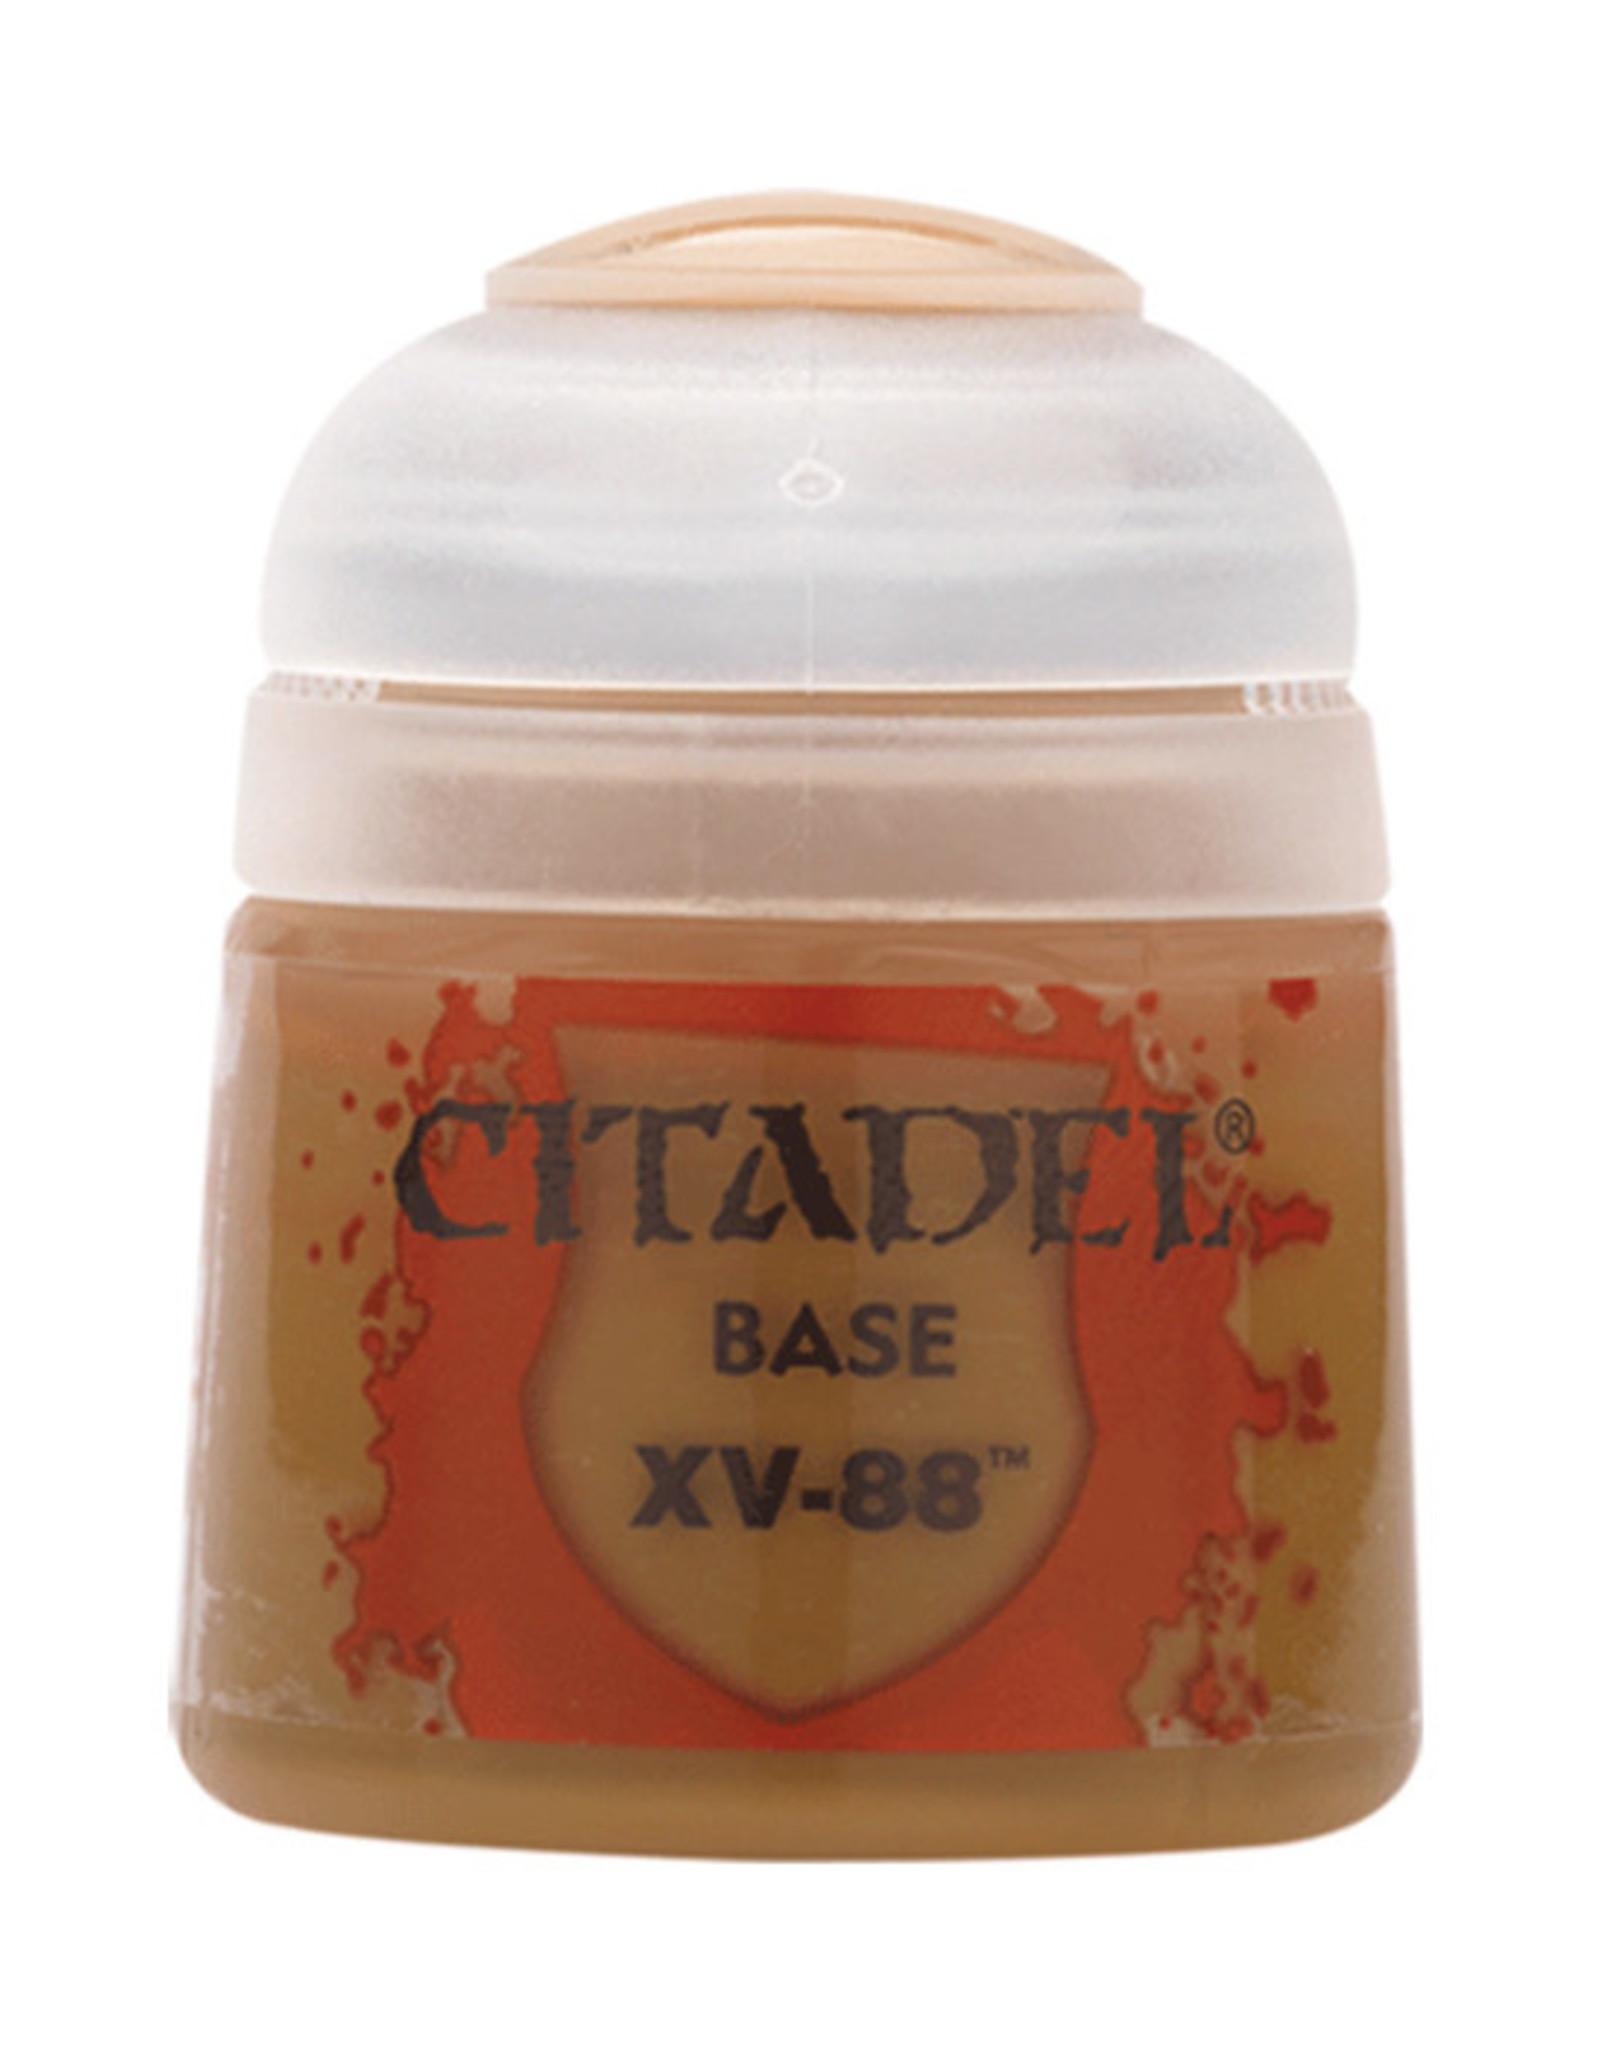 Citadel Citadel Colour: Base - XV-88